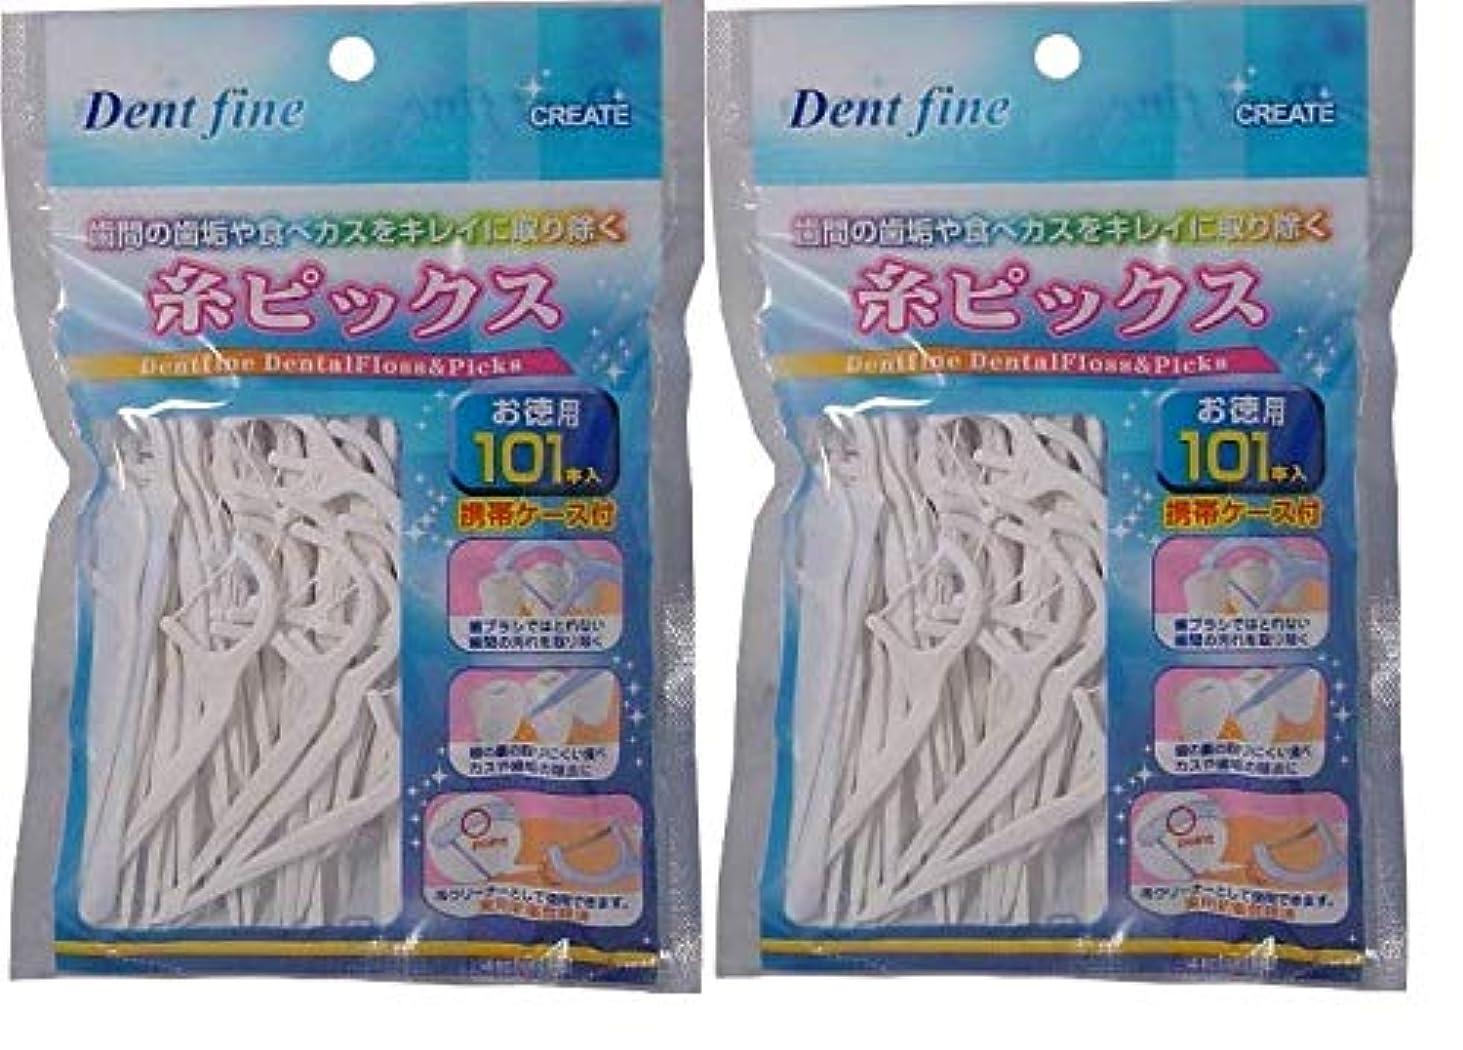 デントファイン 糸ピックス 101本入 2セット